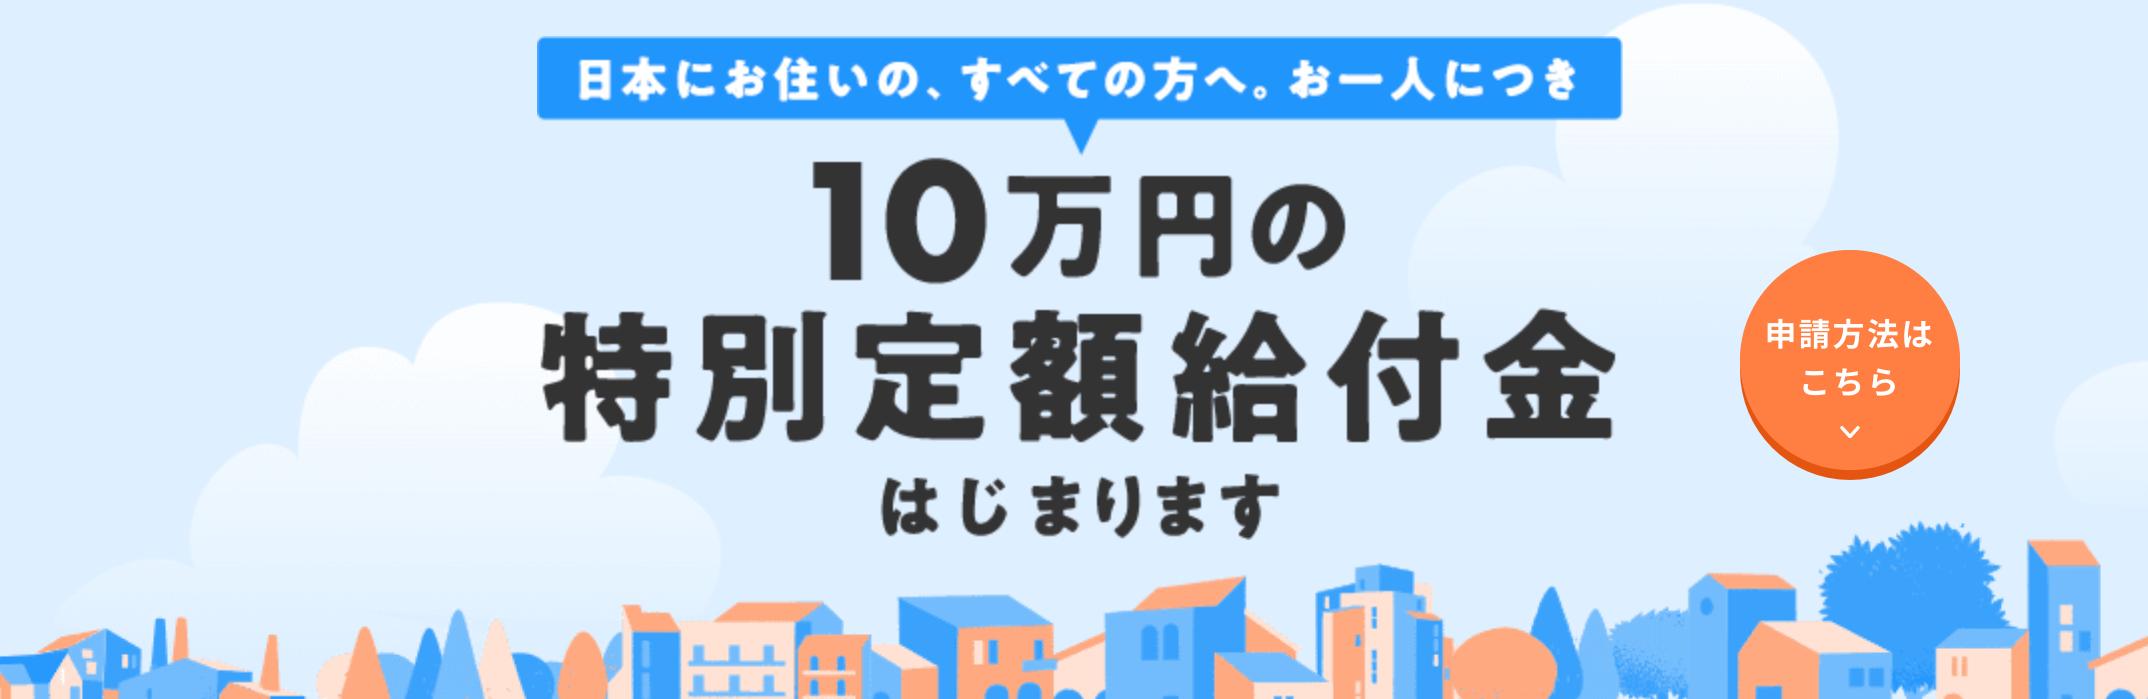 【2020年5月】10万円給付 横浜・川崎・相模原はいつから? オンライン申請の手順